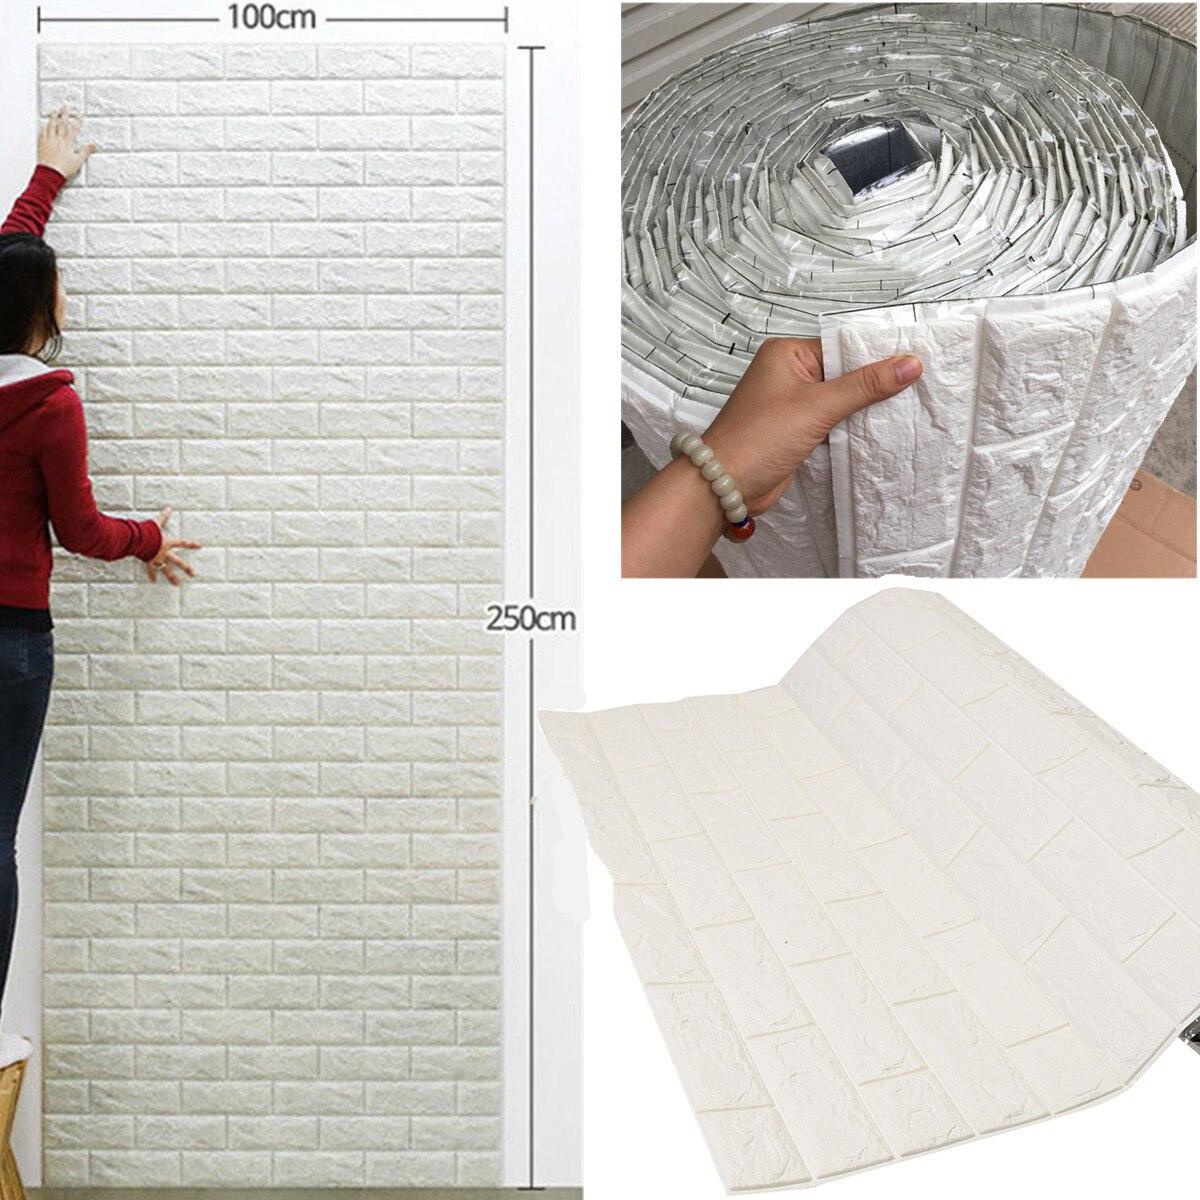 ПЭ Пена 3D наклейки на стену кирпичный узор водостойкие самоклеящиеся обои комнаты домашний декор для детей Спальня Гостиная наклейки